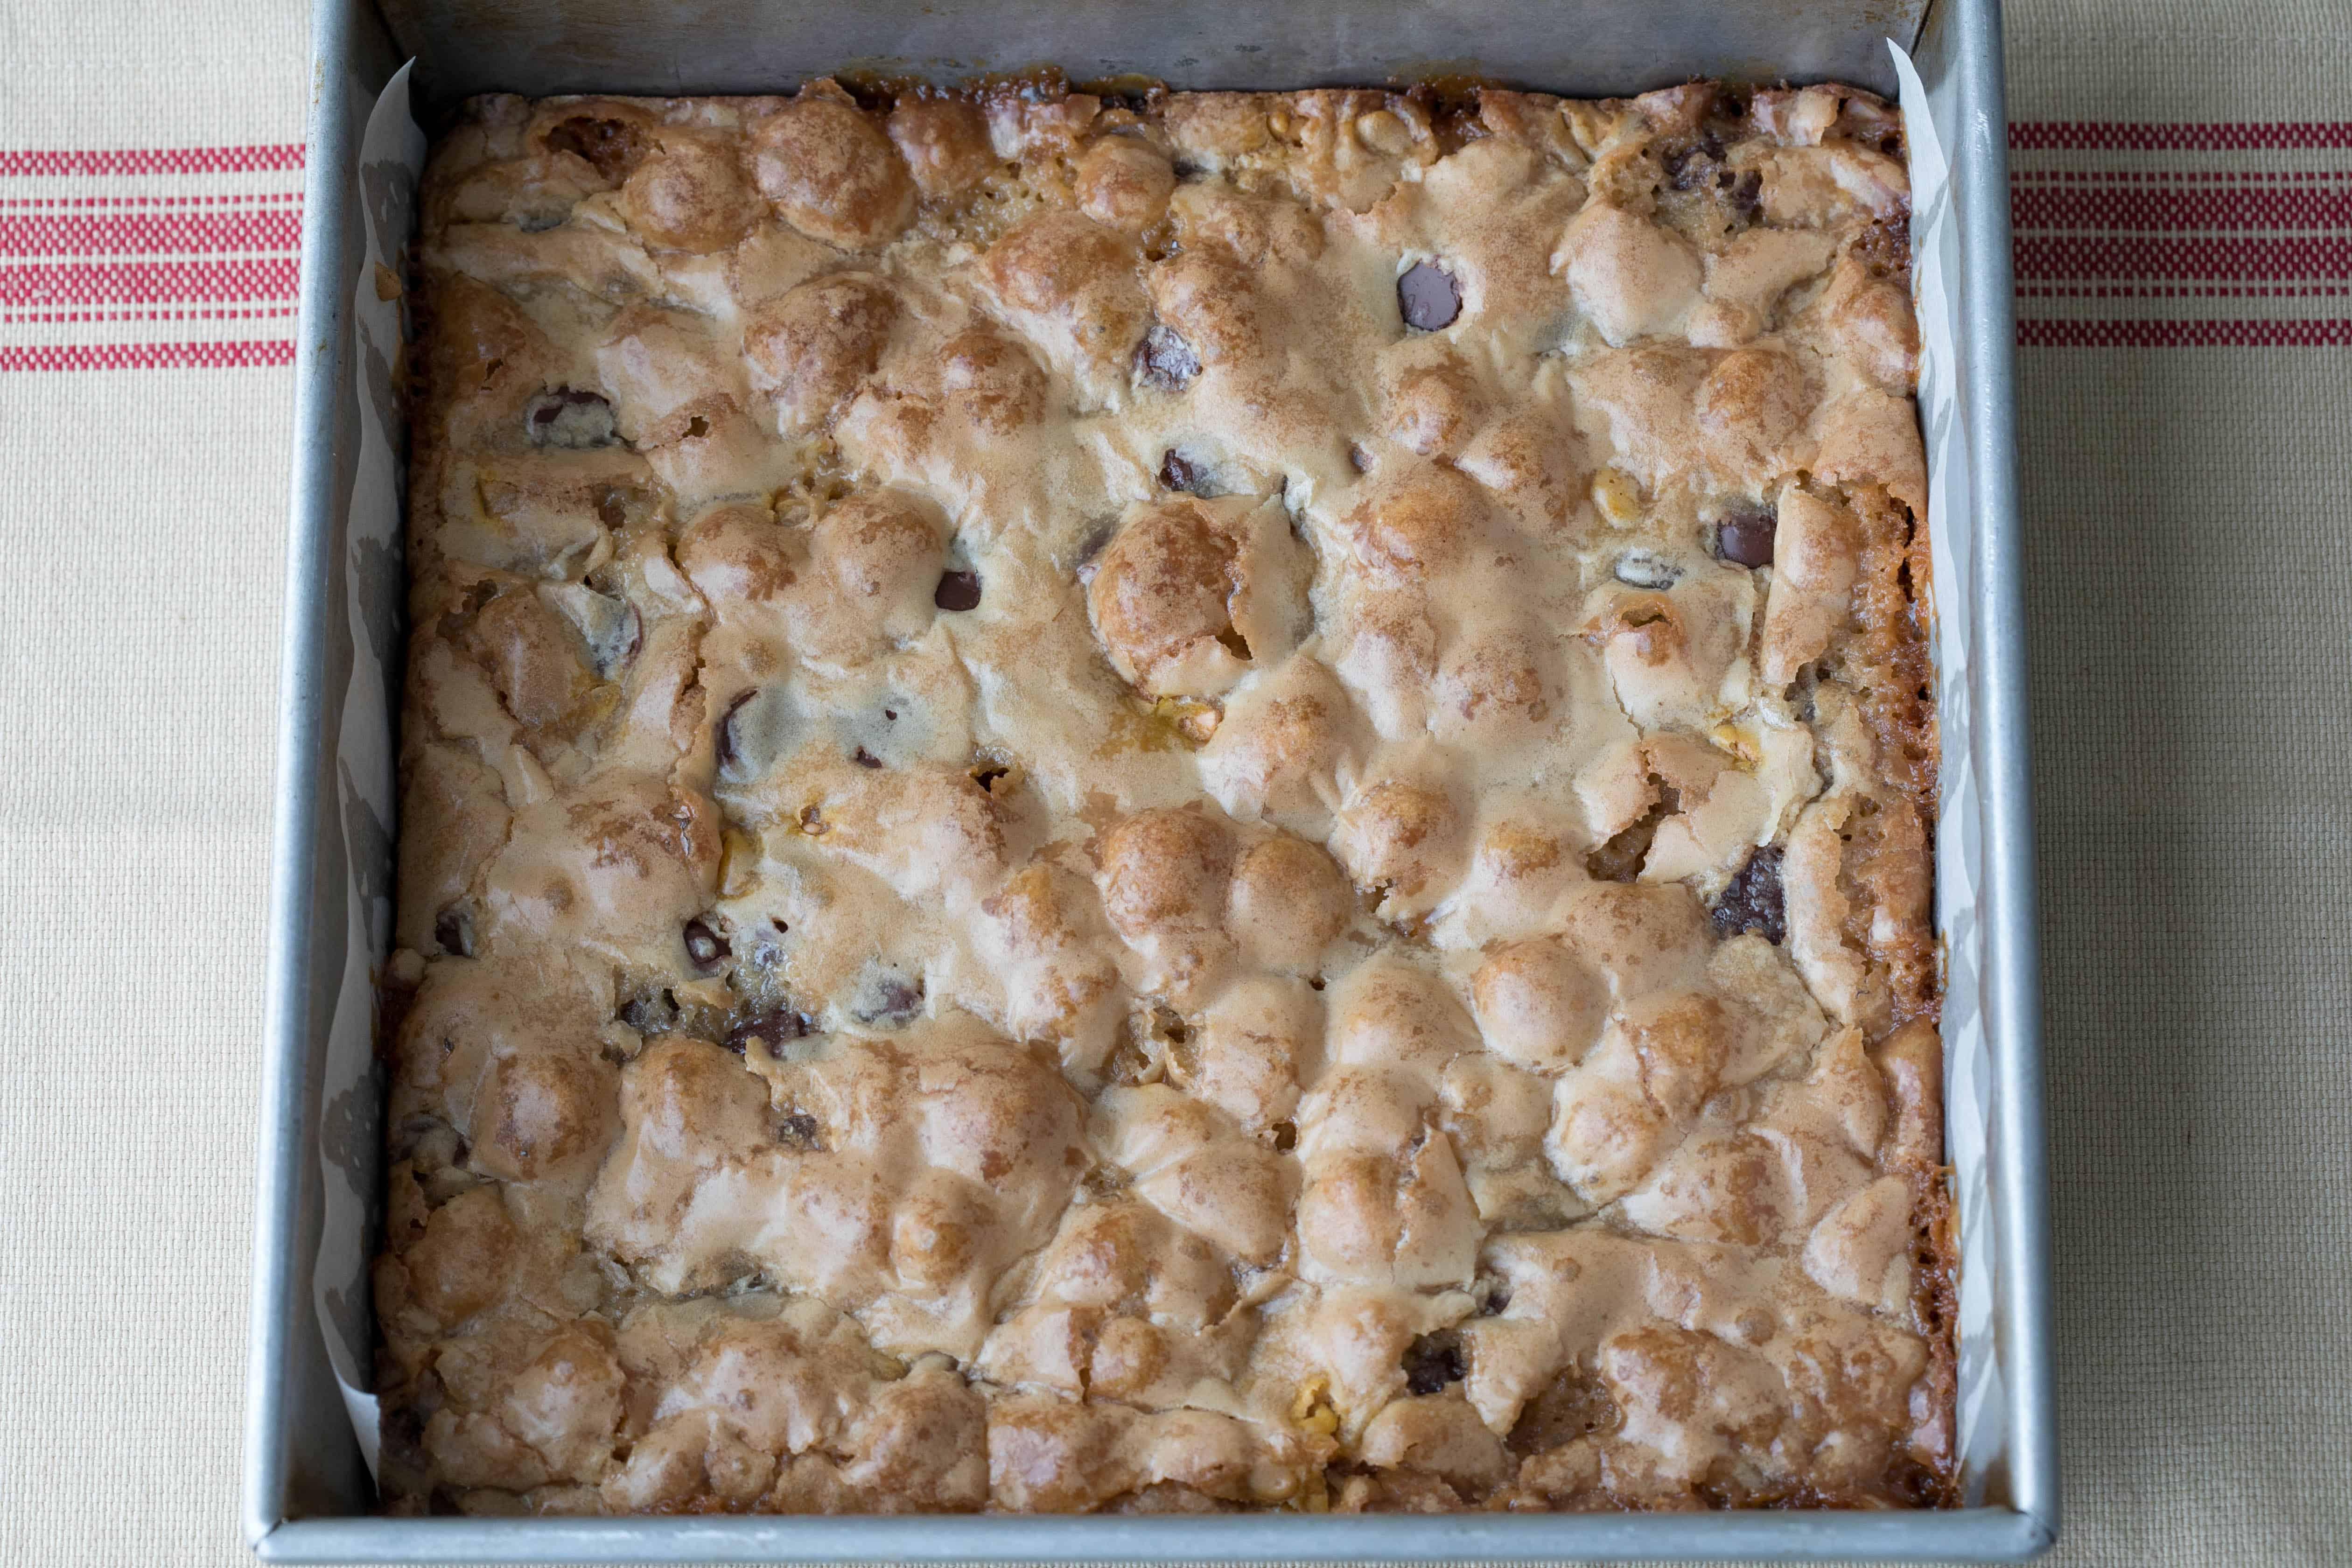 baked blondies in 9x9 pan